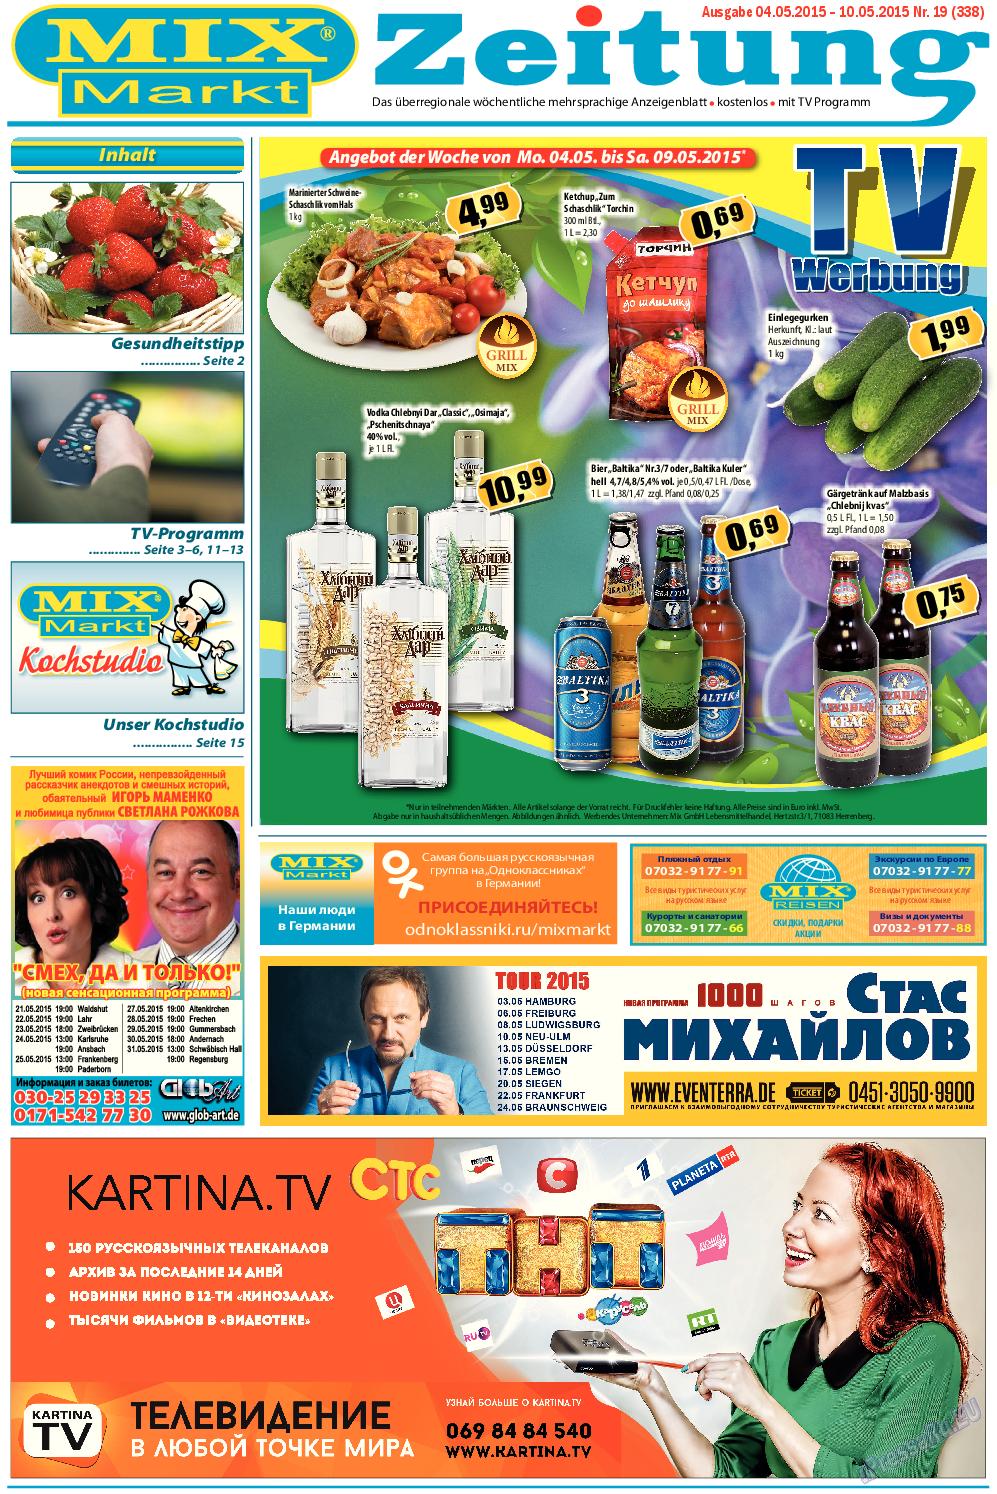 MIX-Markt Zeitung (газета). 2015 год, номер 19, стр. 1